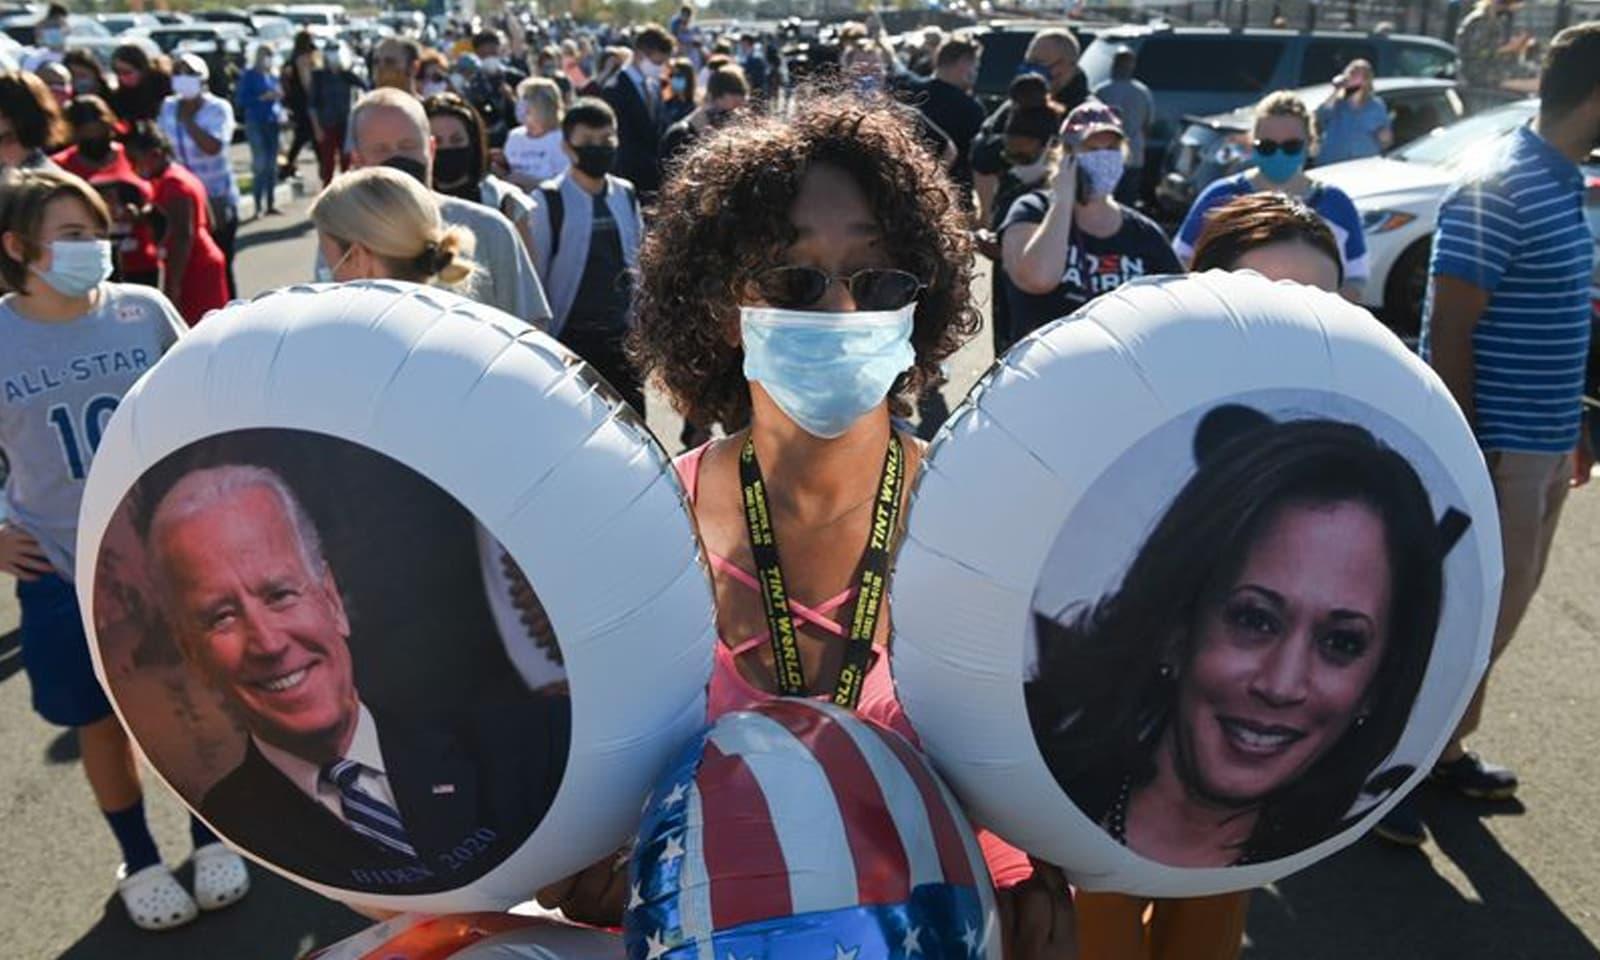 نتائج کے اعلان کے بعد حامیوں نے جوبائیڈن اور کمالا ہیرس کی کامیابی پر خوشی منائی — فوٹو:اے ایف پی